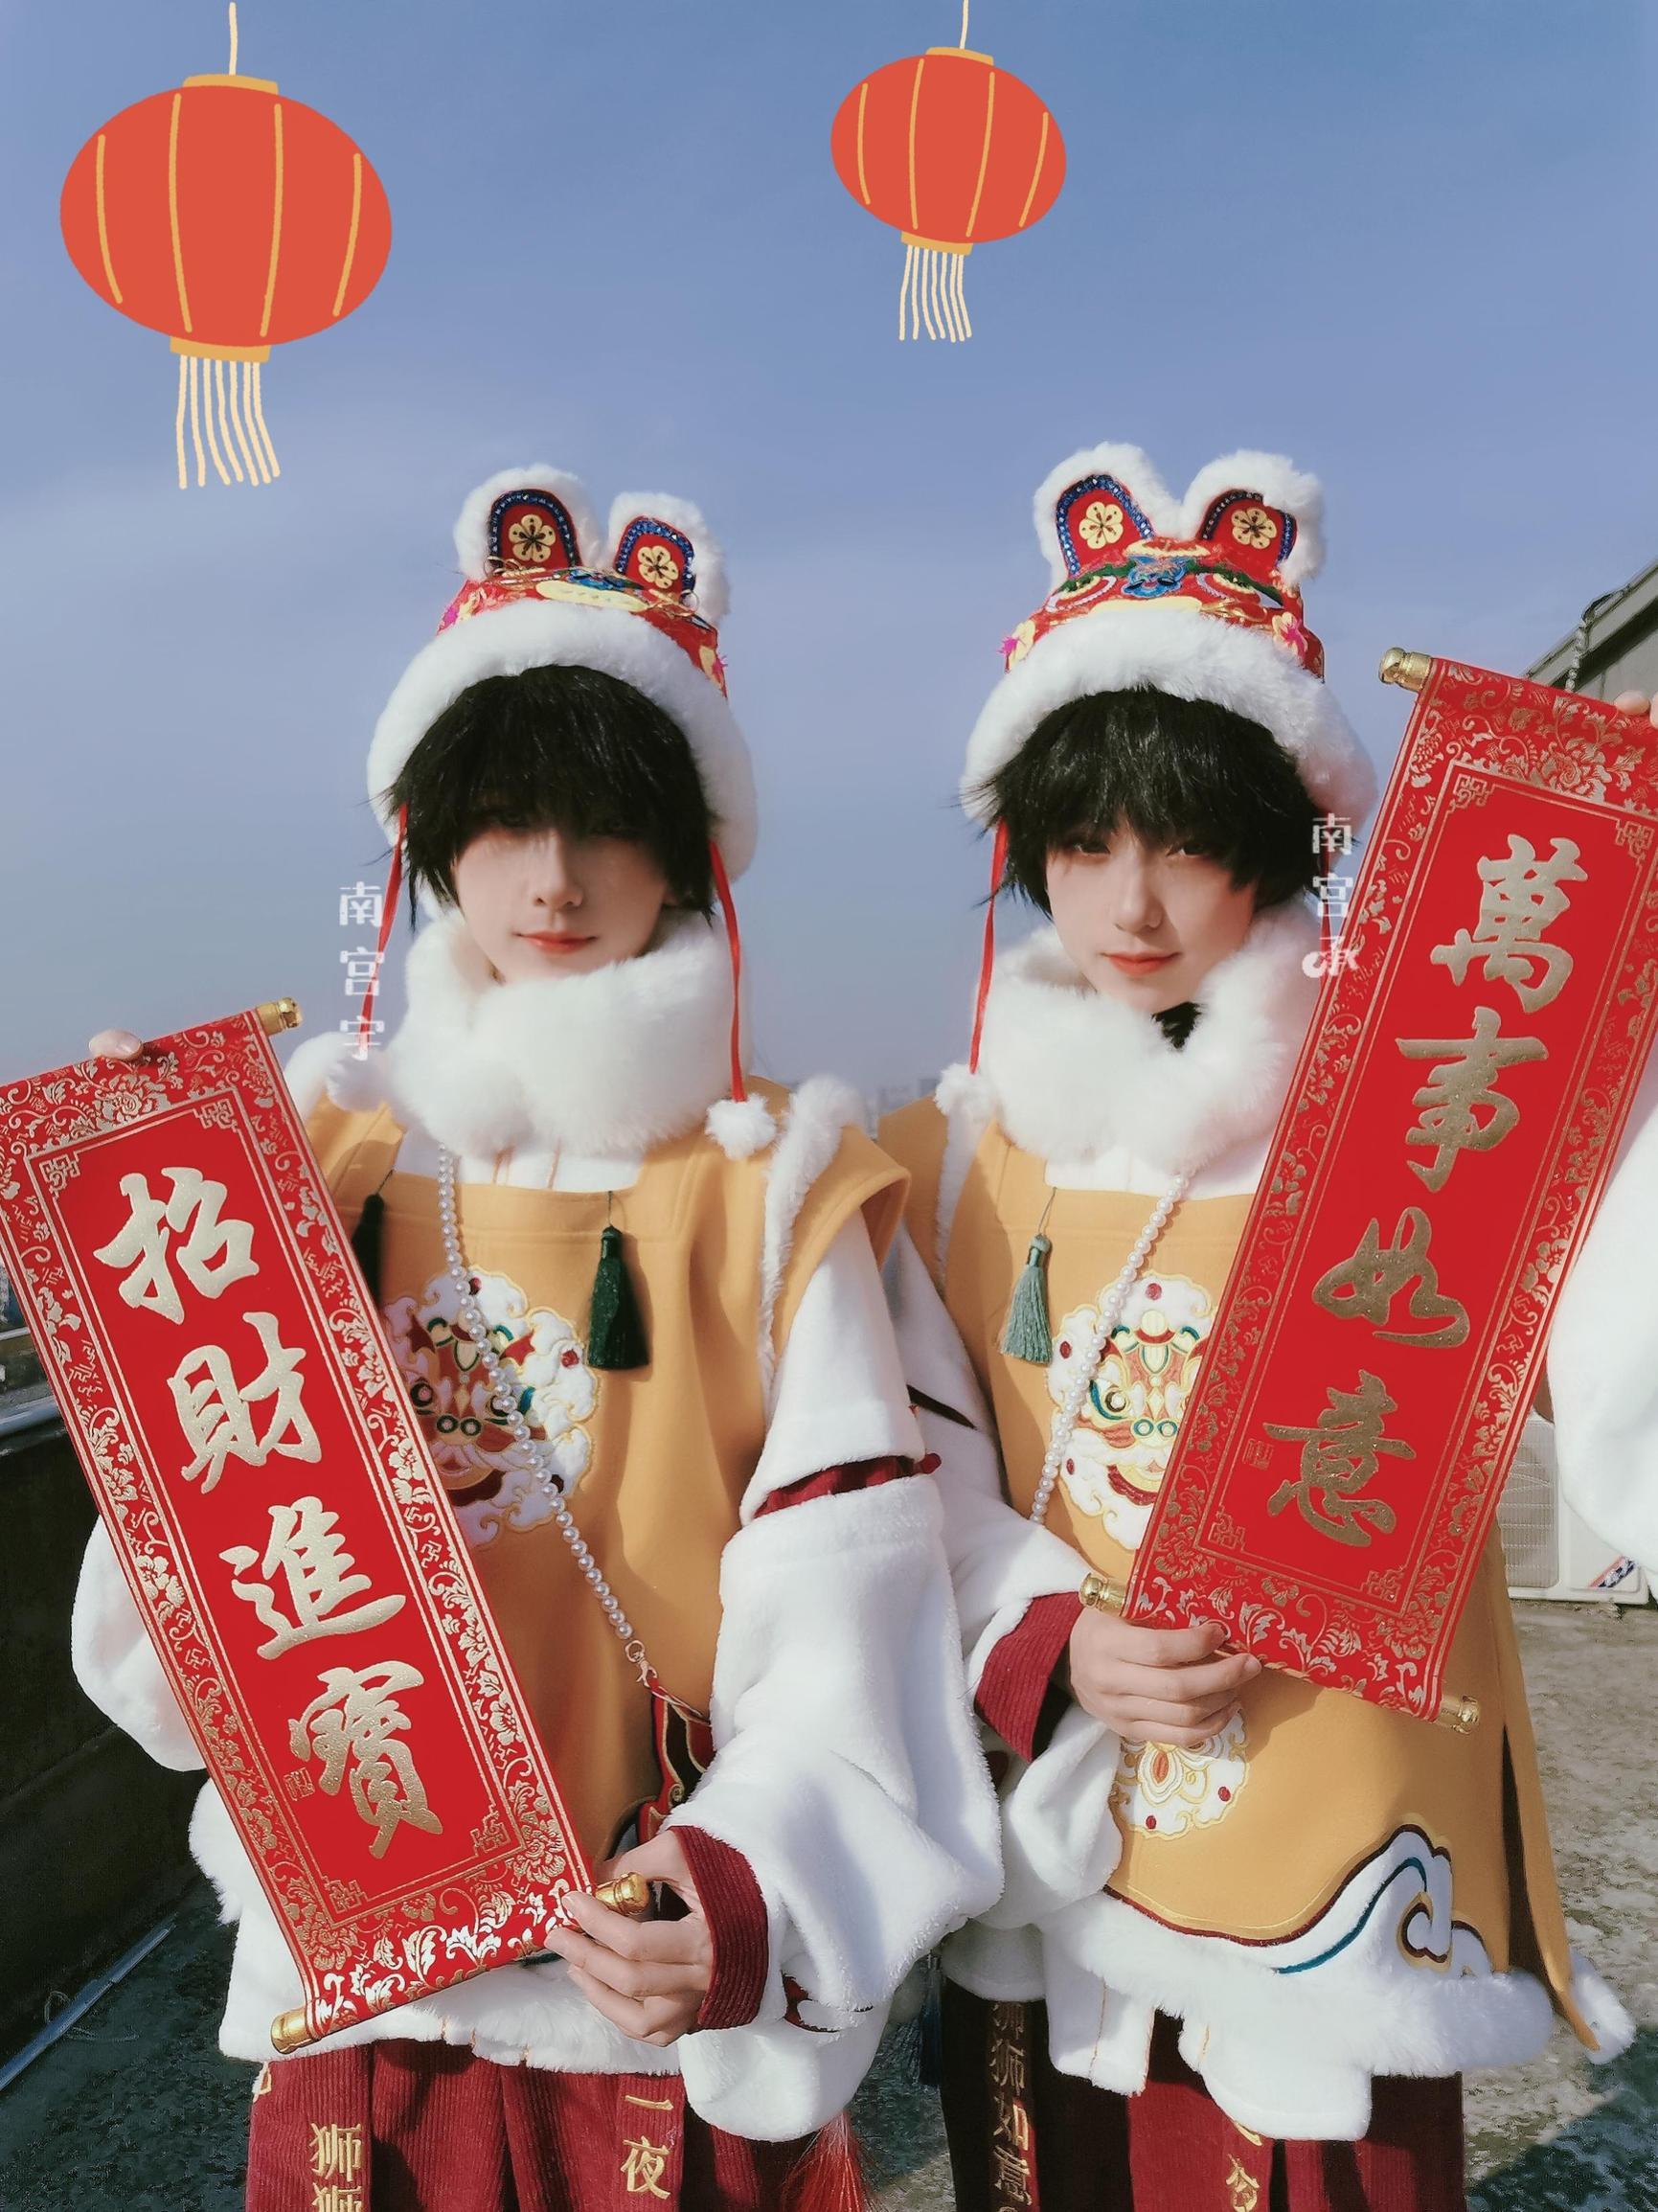 双胞胎cosplay【CN:南宫承宇】-第1张